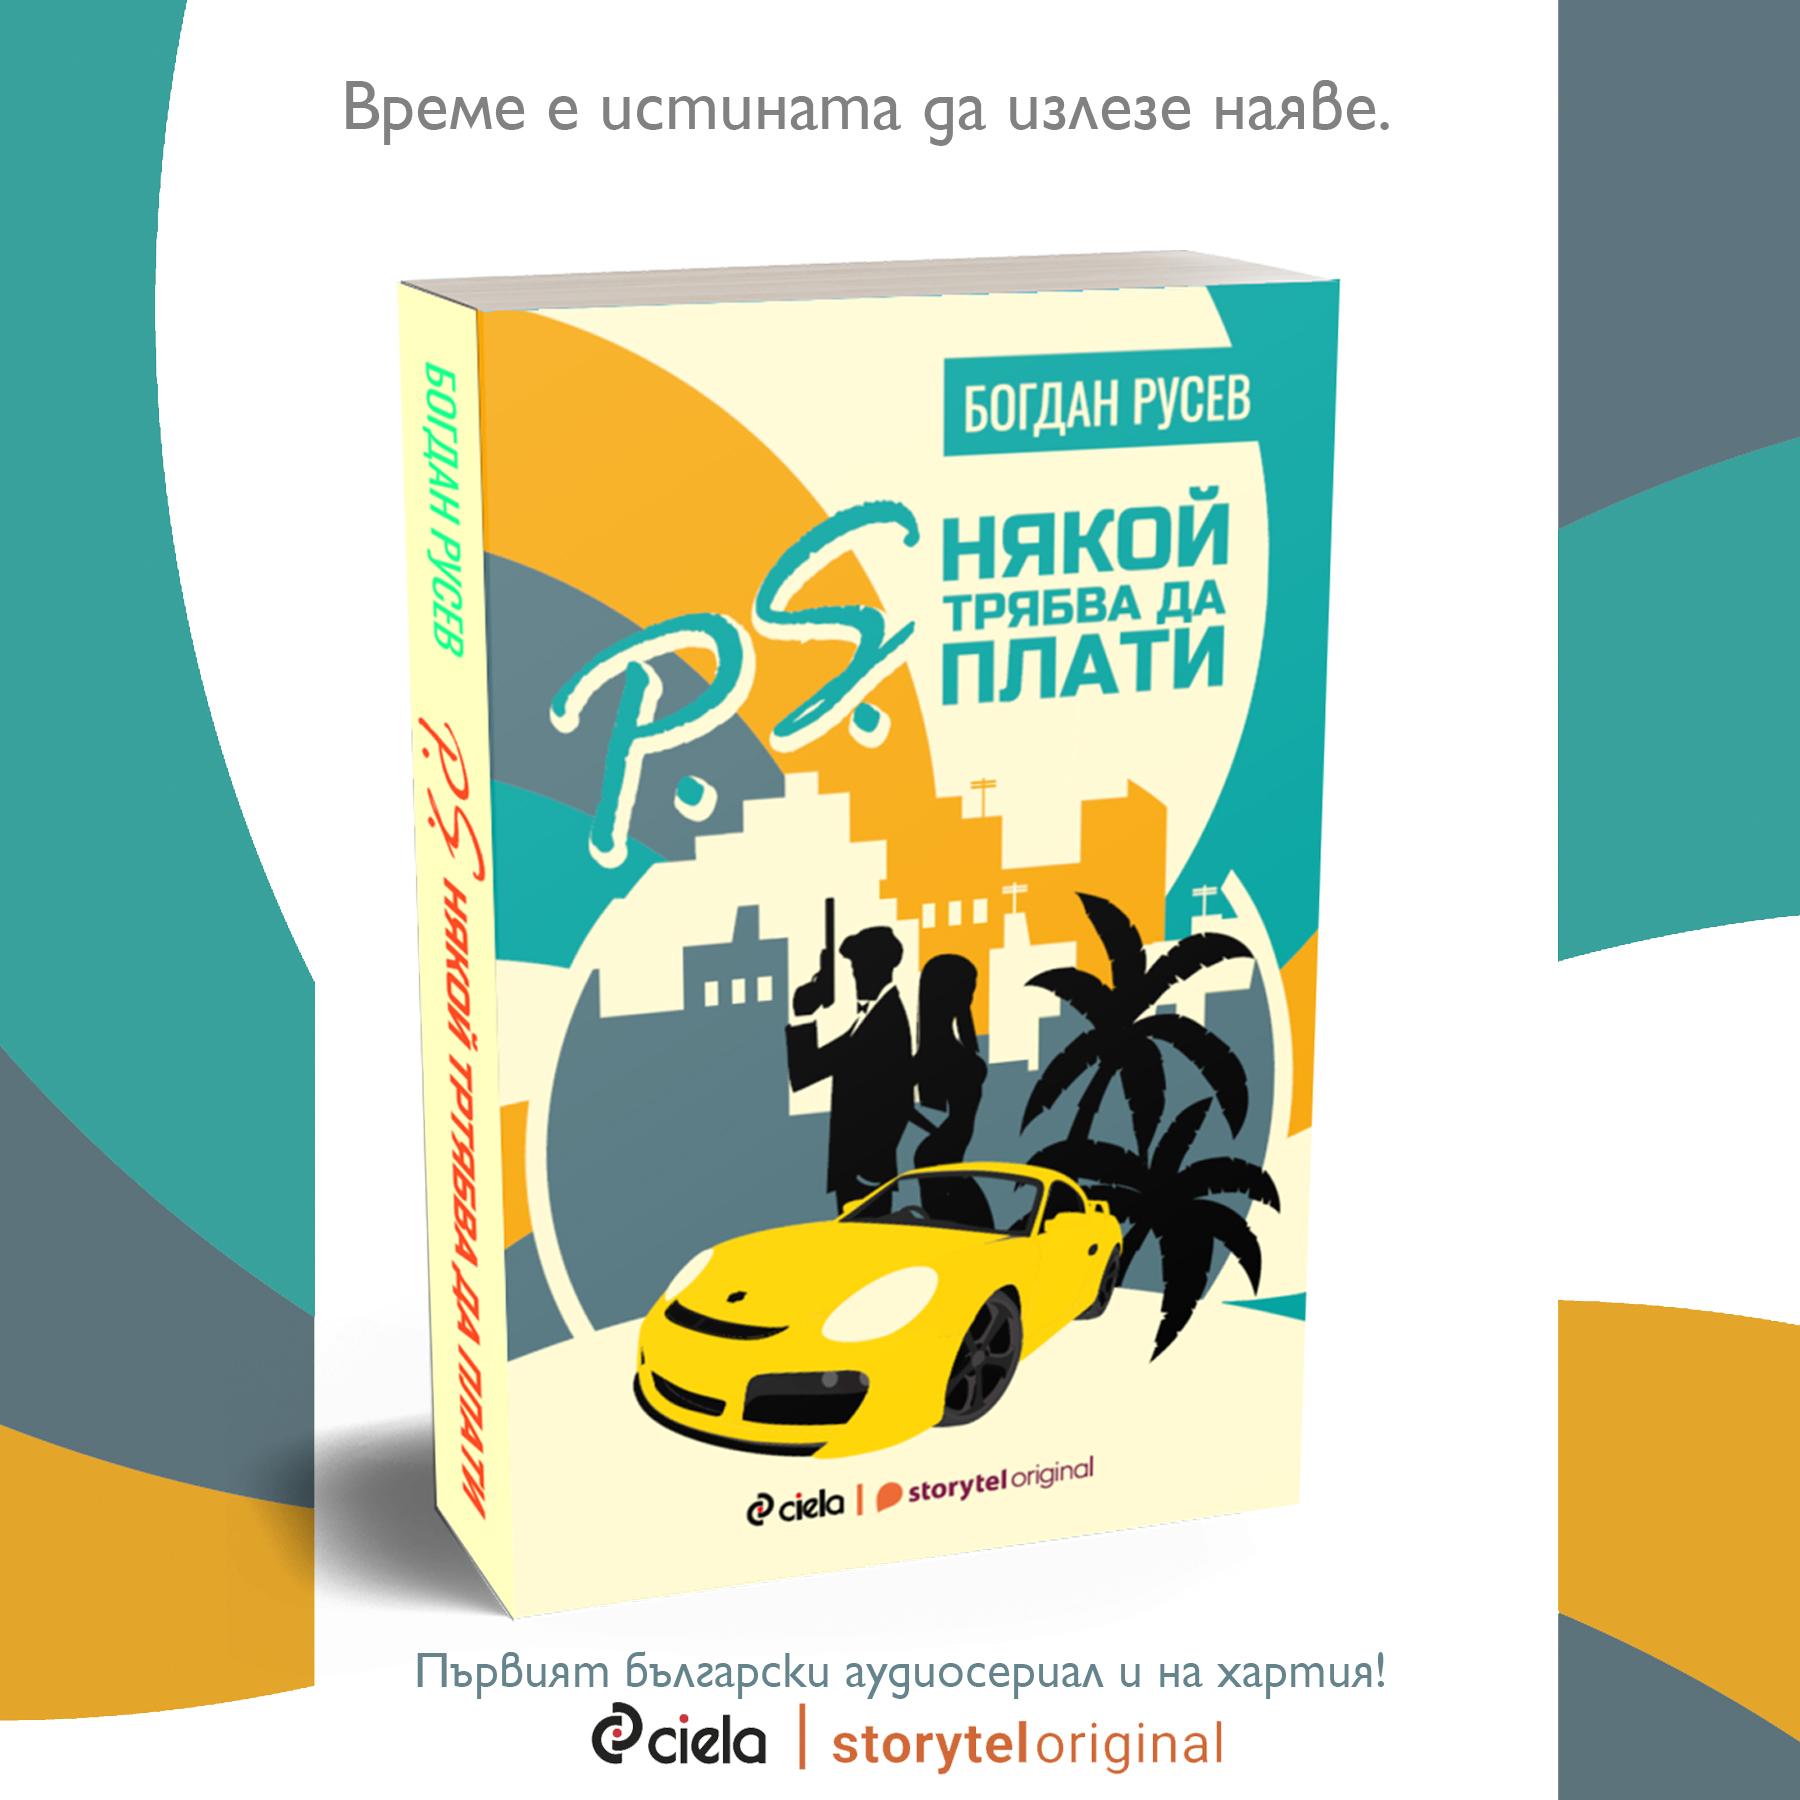 Първият български аудиосериал оживява и на хартия 26